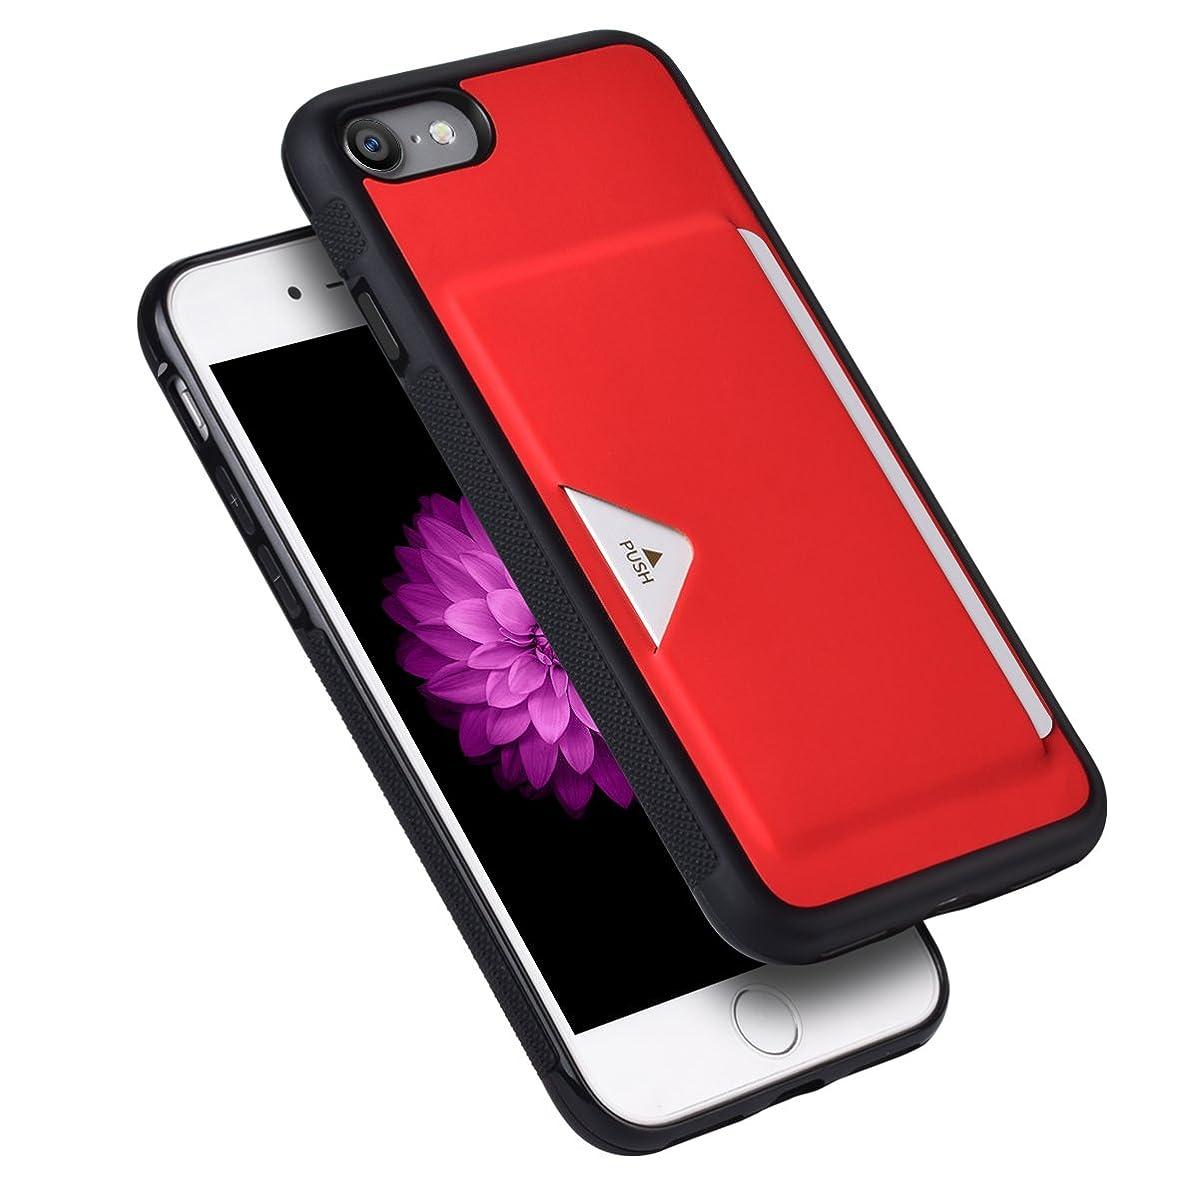 彼自身連合バイソンiPhone8ケース iPhone7ケース 薄型 ICカード収納 TPU+革製 耐衝撃 滑り防止 指紋防止 スマホケース 携帯カバー (iPhone7/8,レッド)